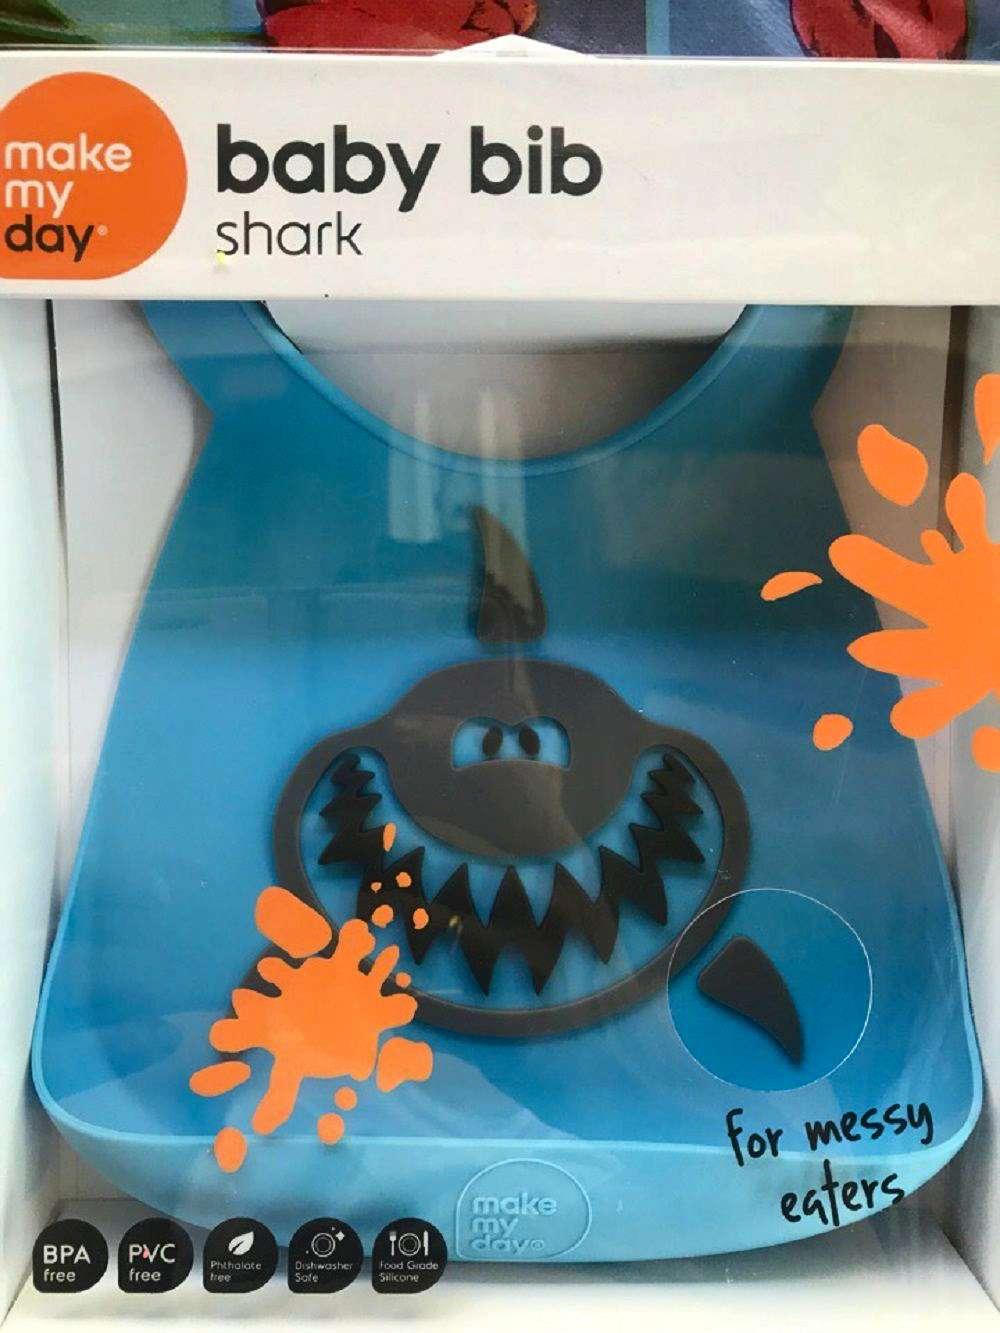 Make My Day Baby Bib Shark Bb118 Penguin